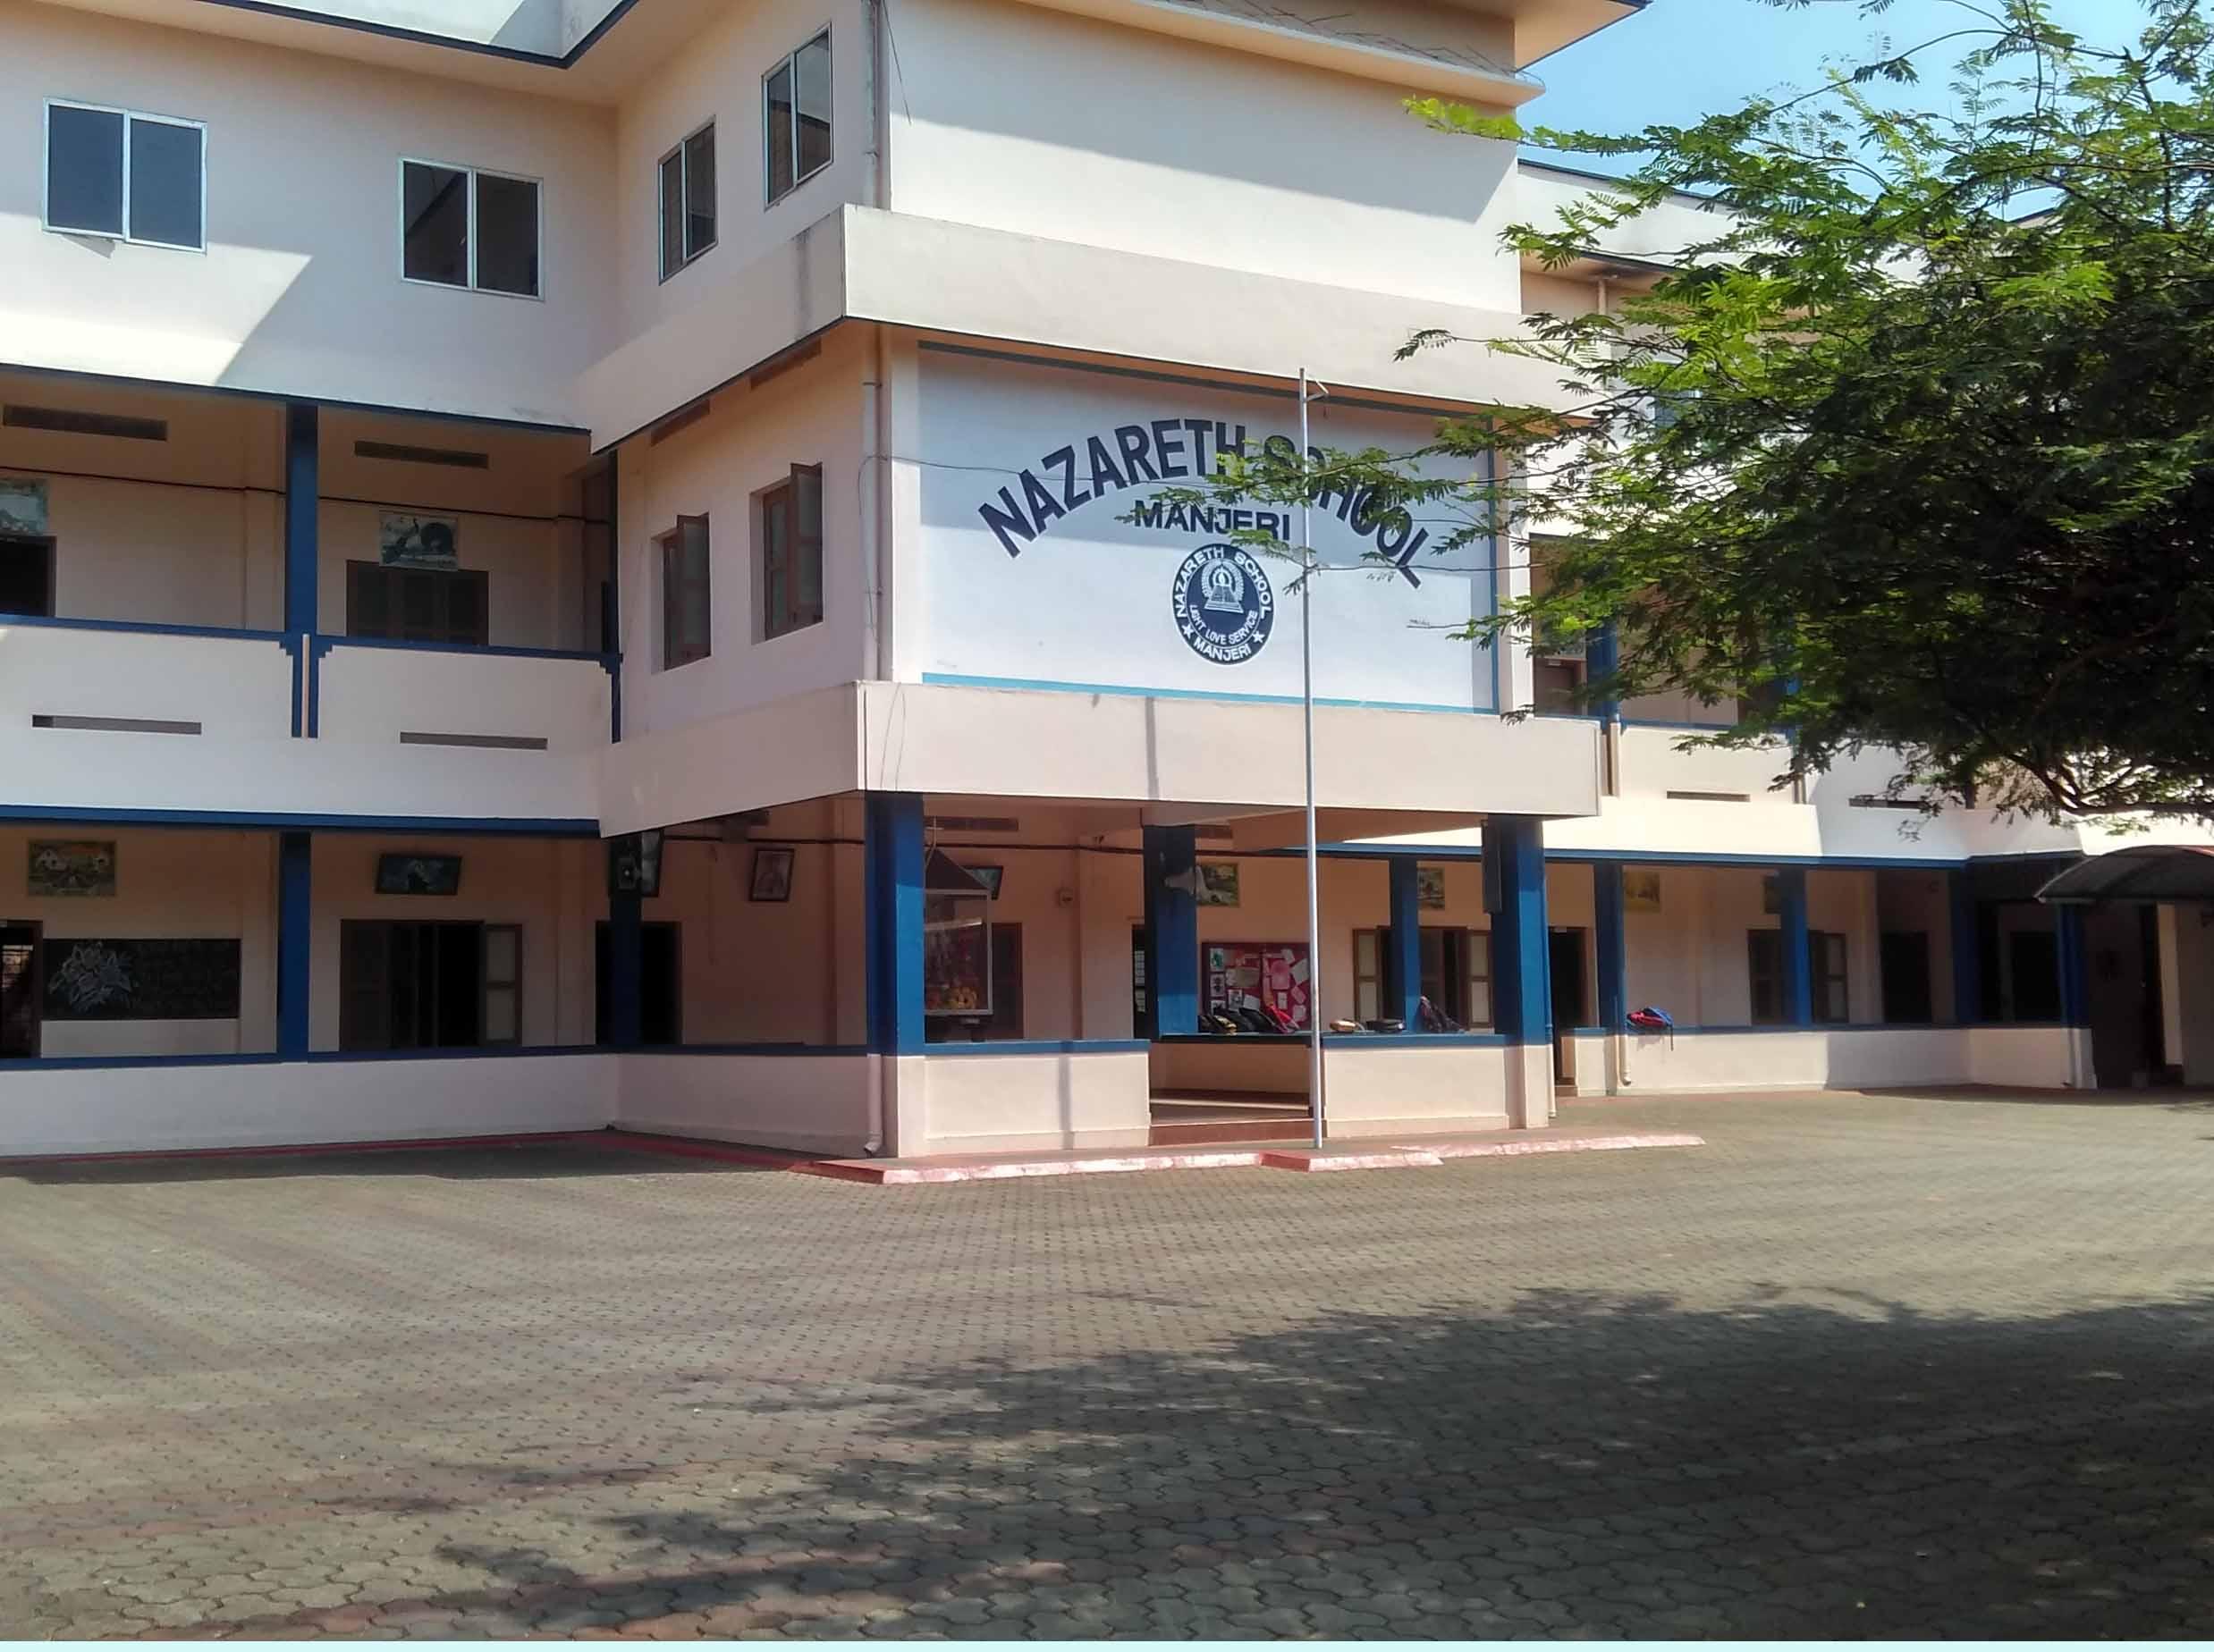 NAZARETH SCHOOL MANJERI MALAPPURAM MANJERI 930250